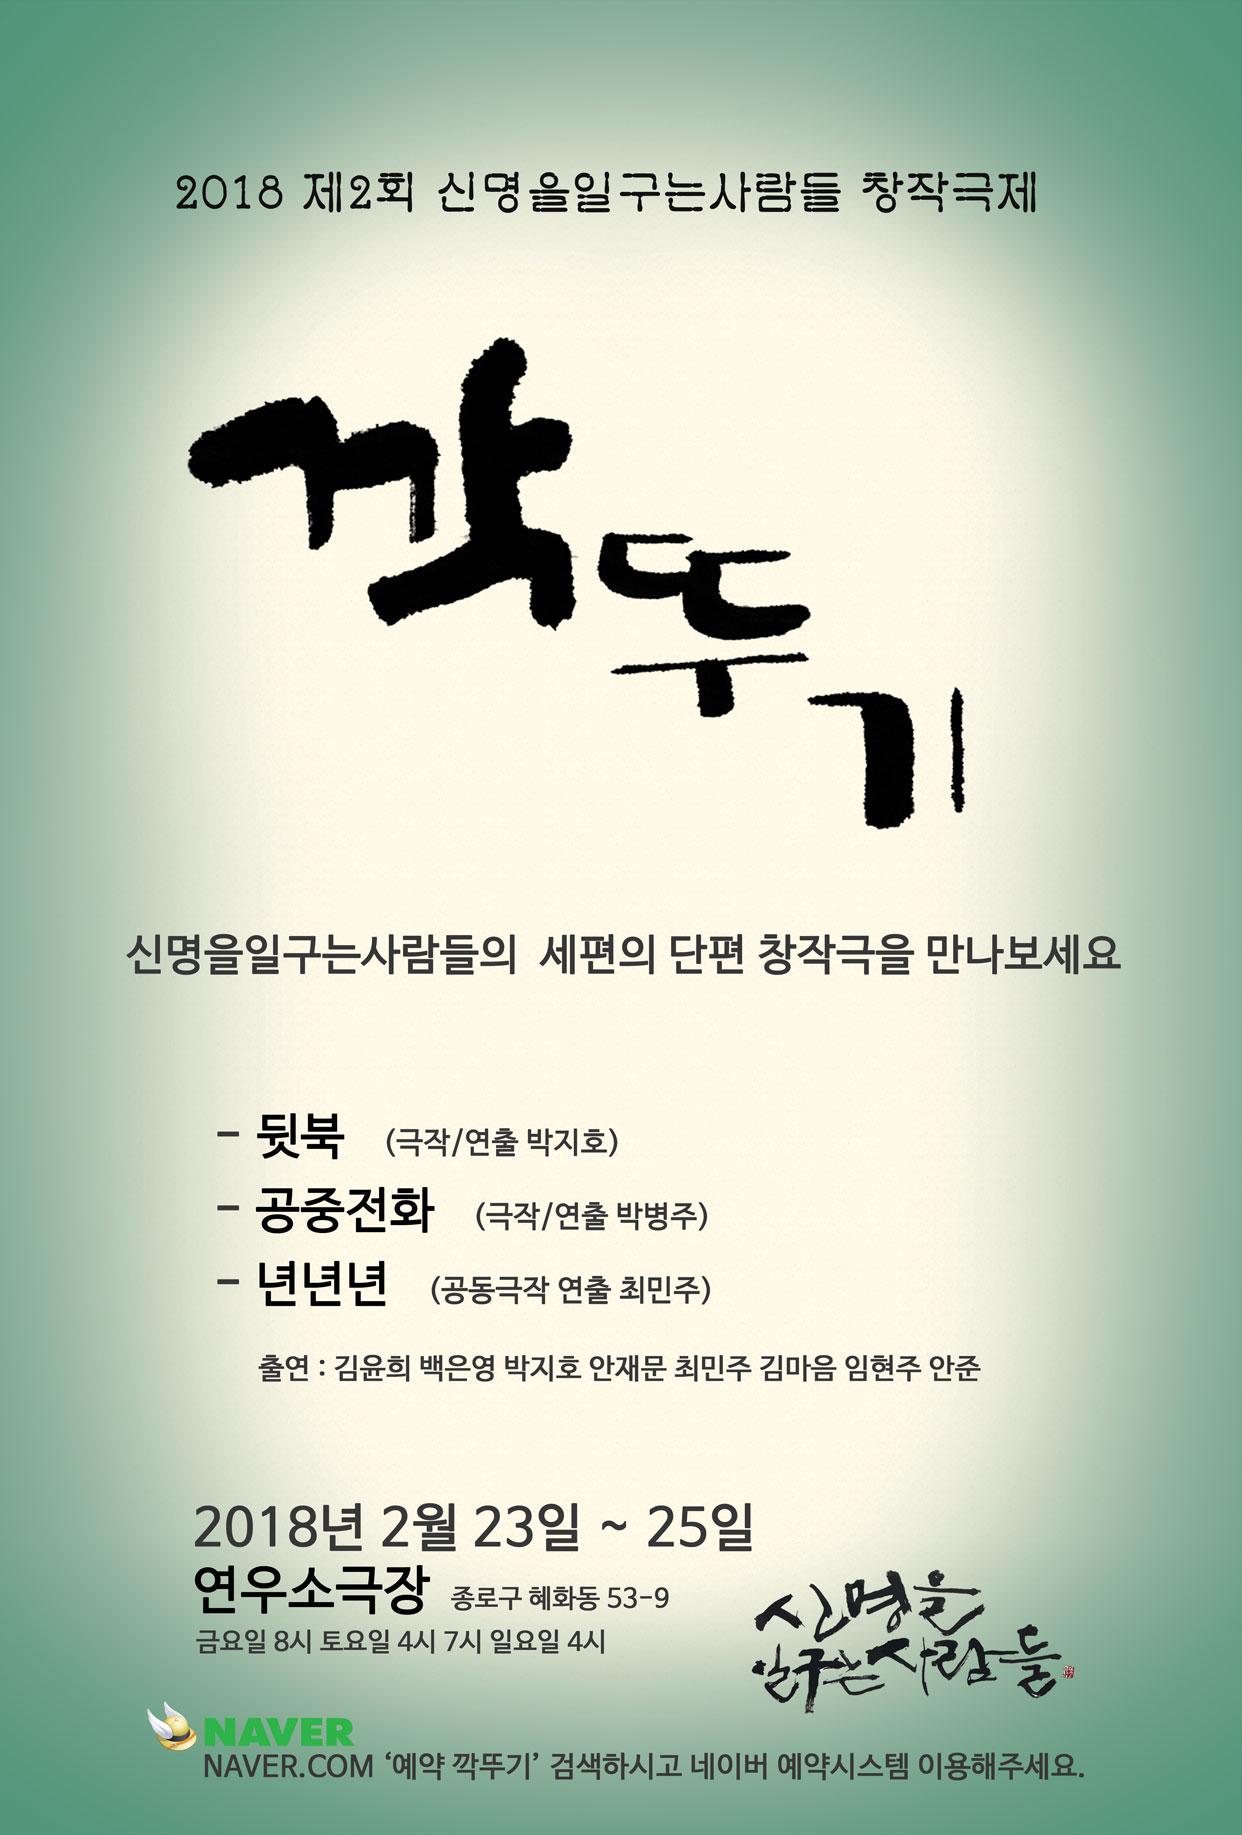 2018_깍뚜기_홍보물_A4.jpg